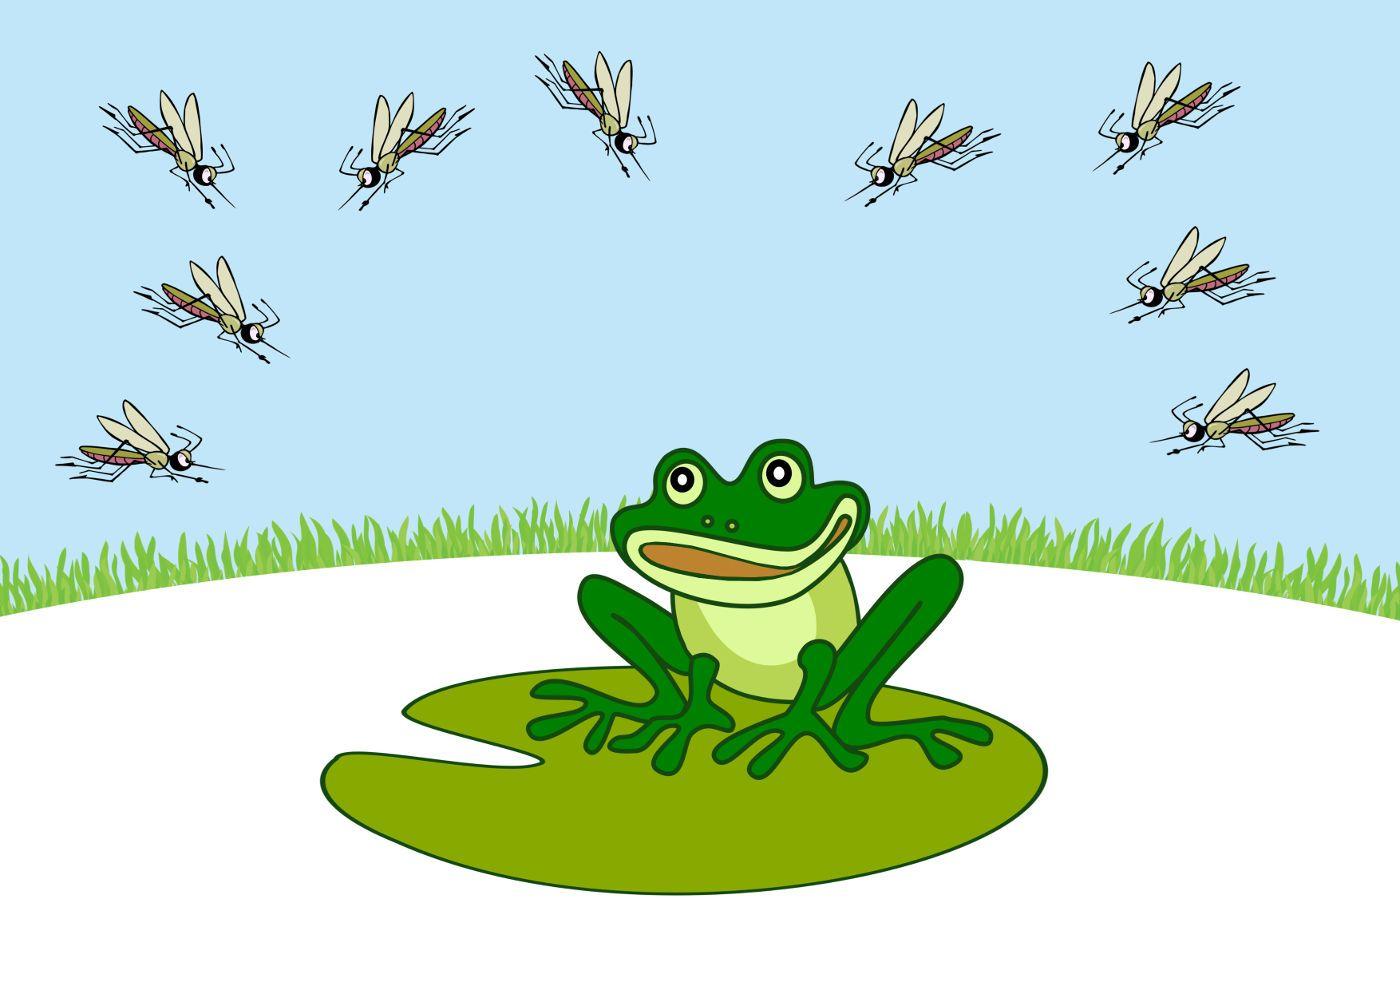 картинка про лягушек и комара делают